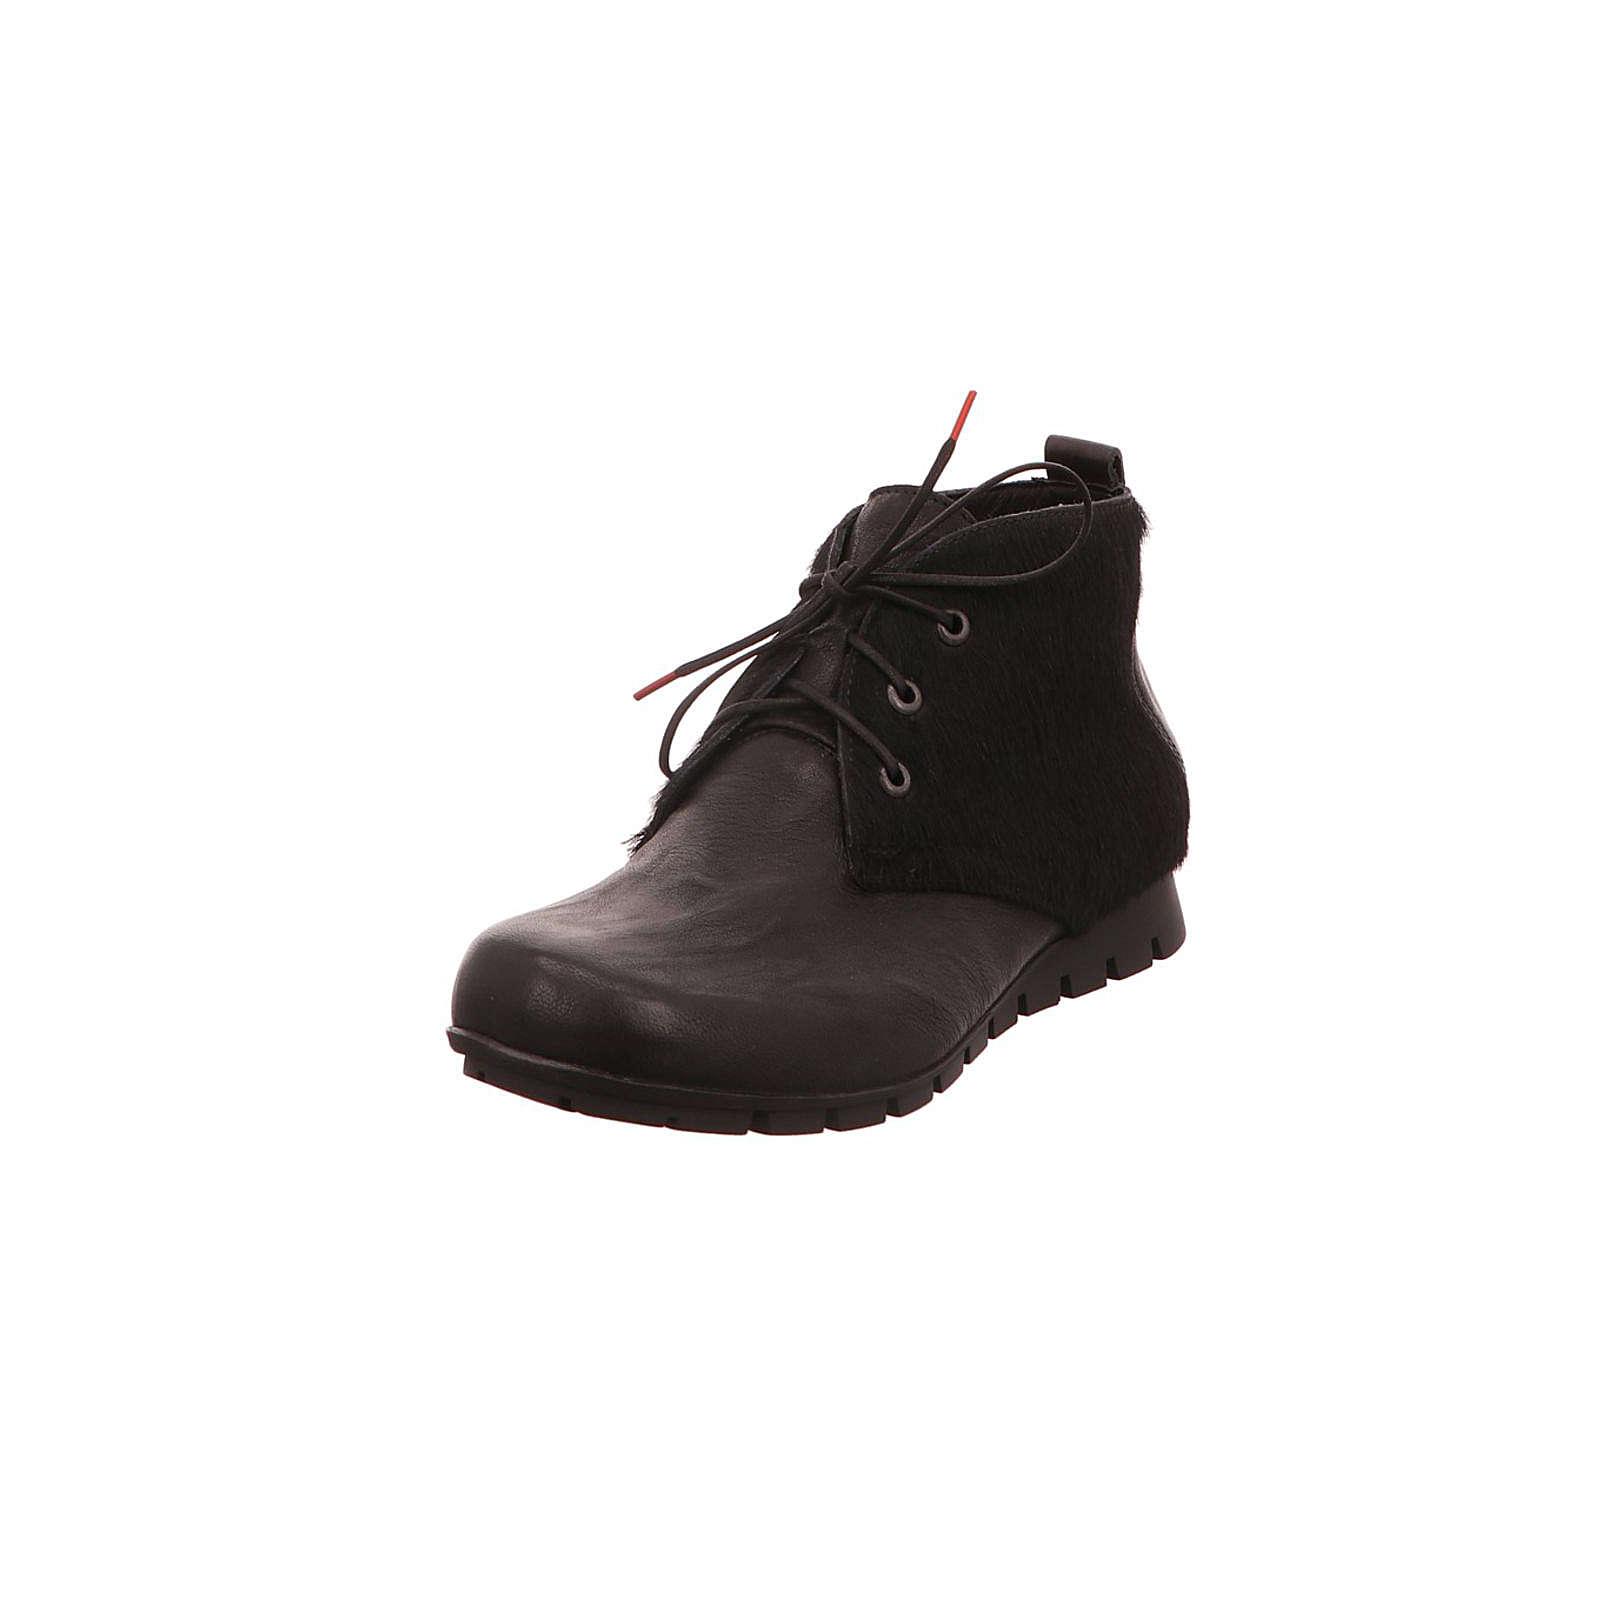 Think! Stiefel schwarz schwarz Damen Gr. 38